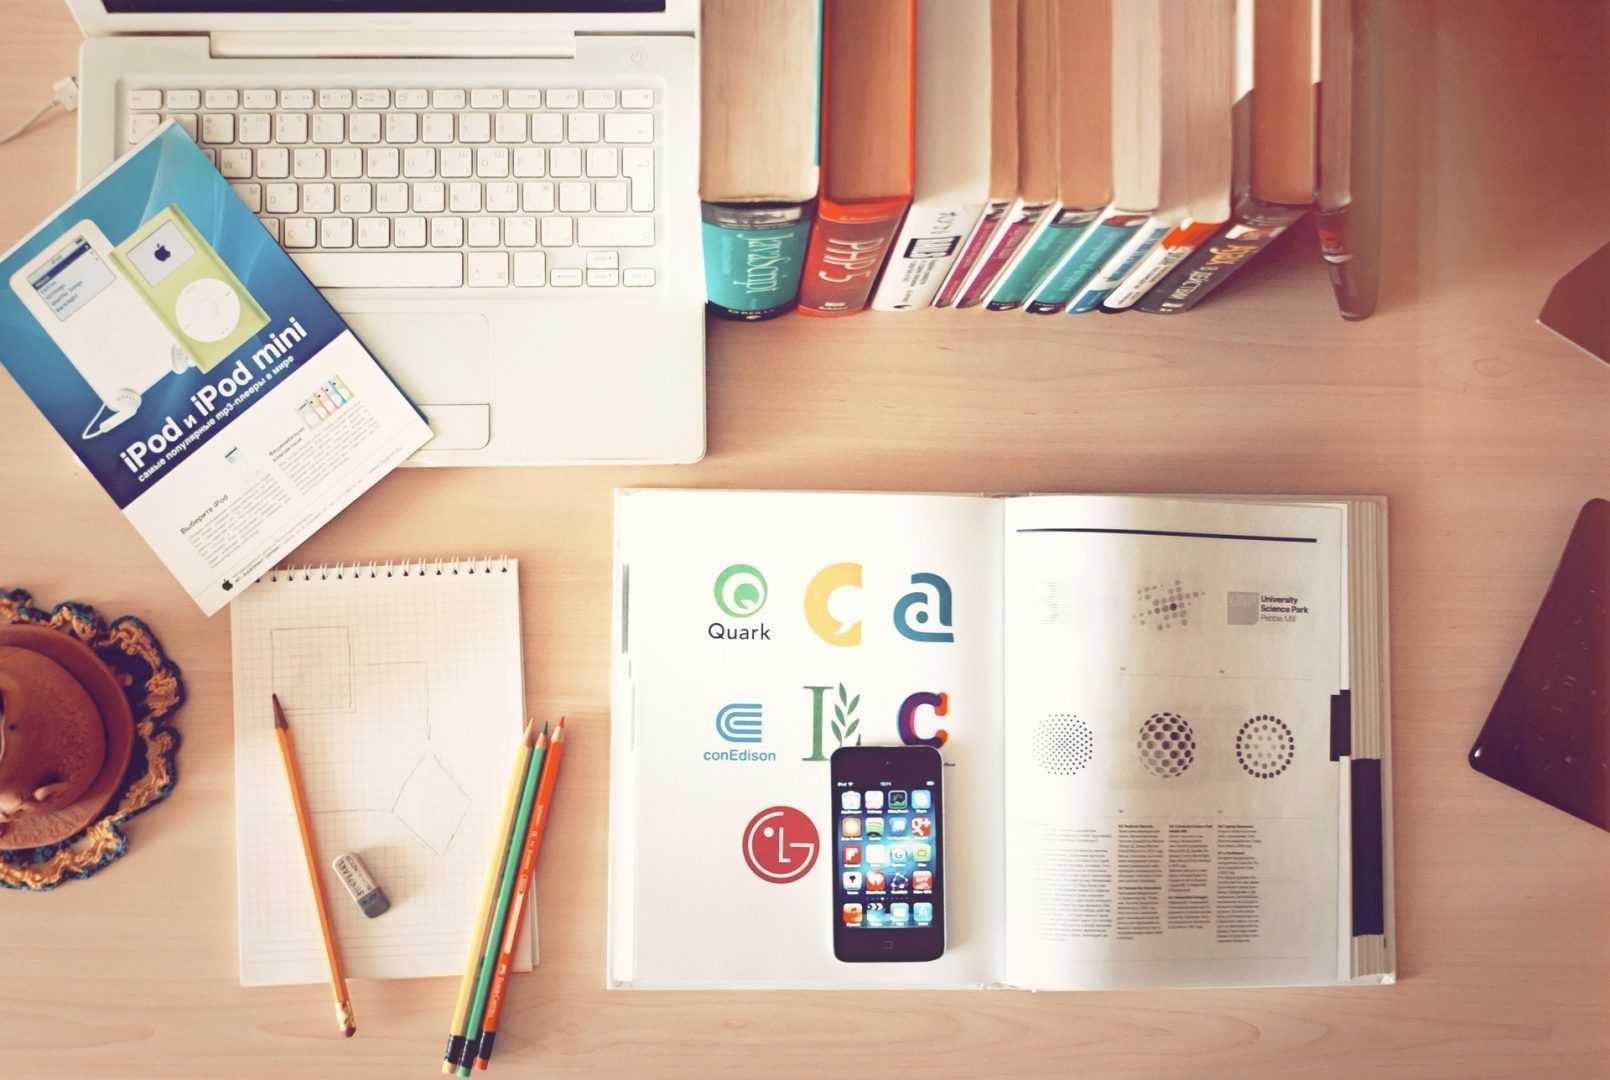 מחברת, טלפון ועפרון בבחינה הפסיכמוטרית